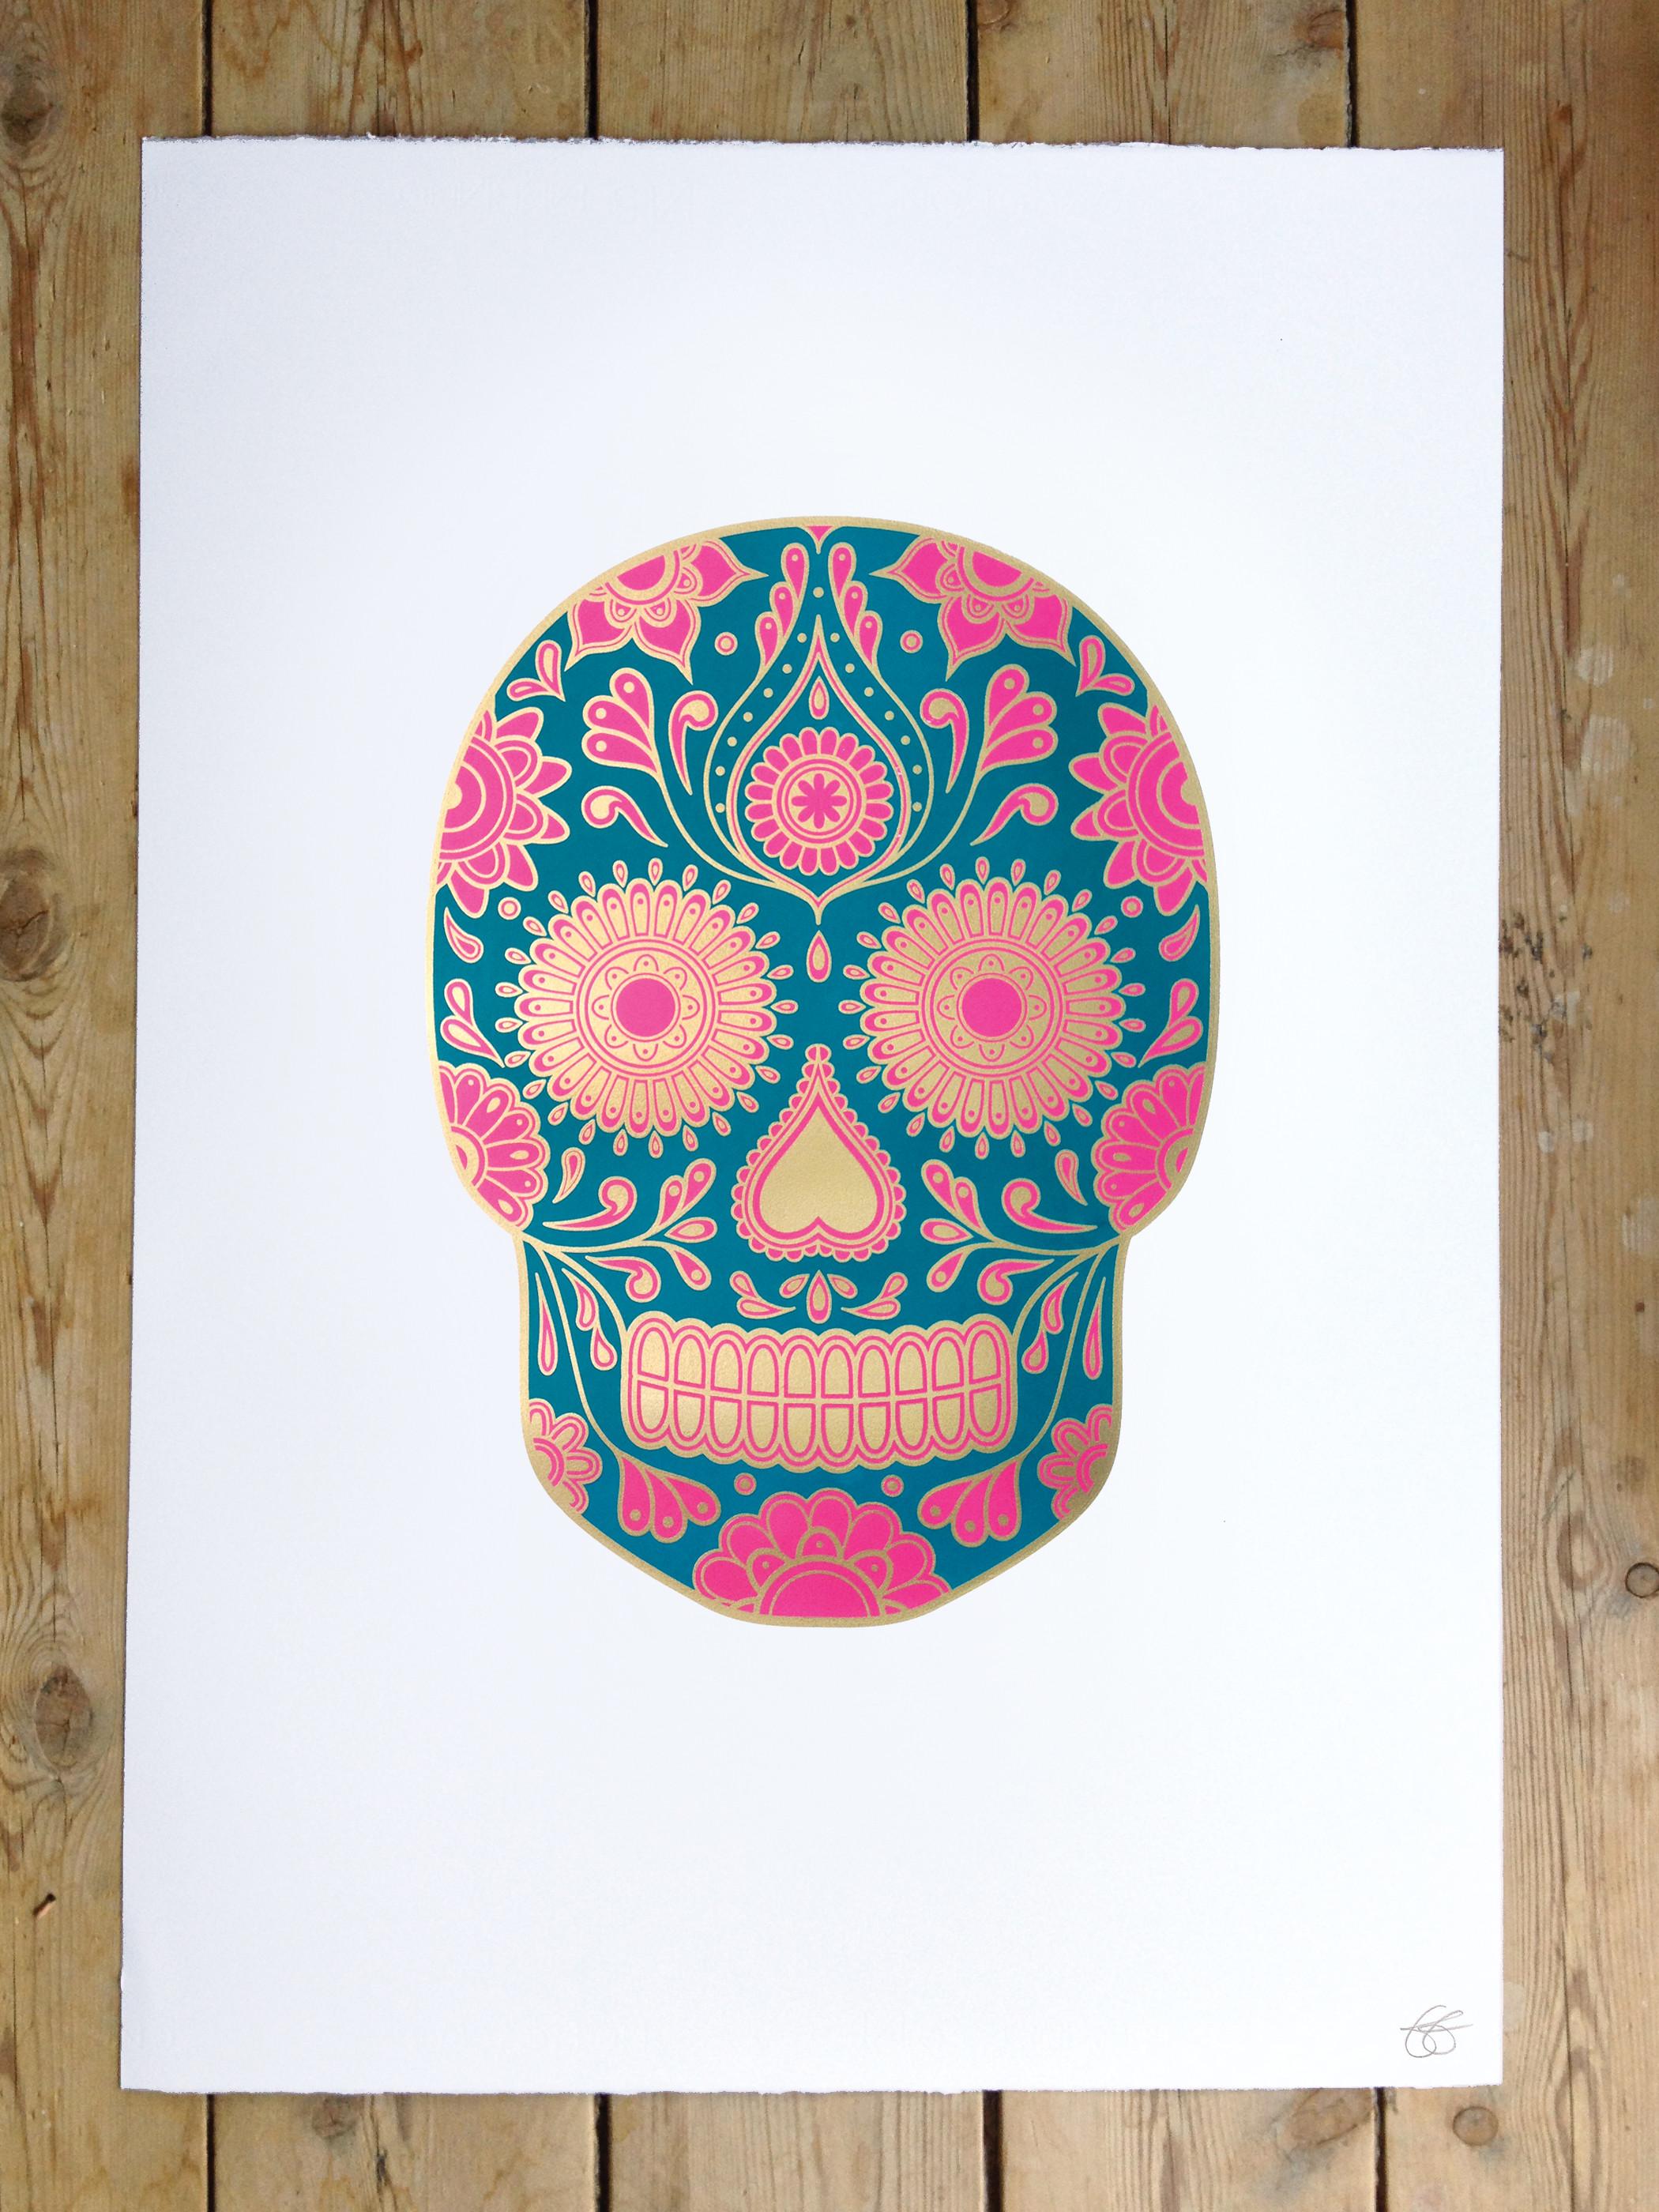 Sugar Skulls Wallpaper Sugar skull wallpaper,